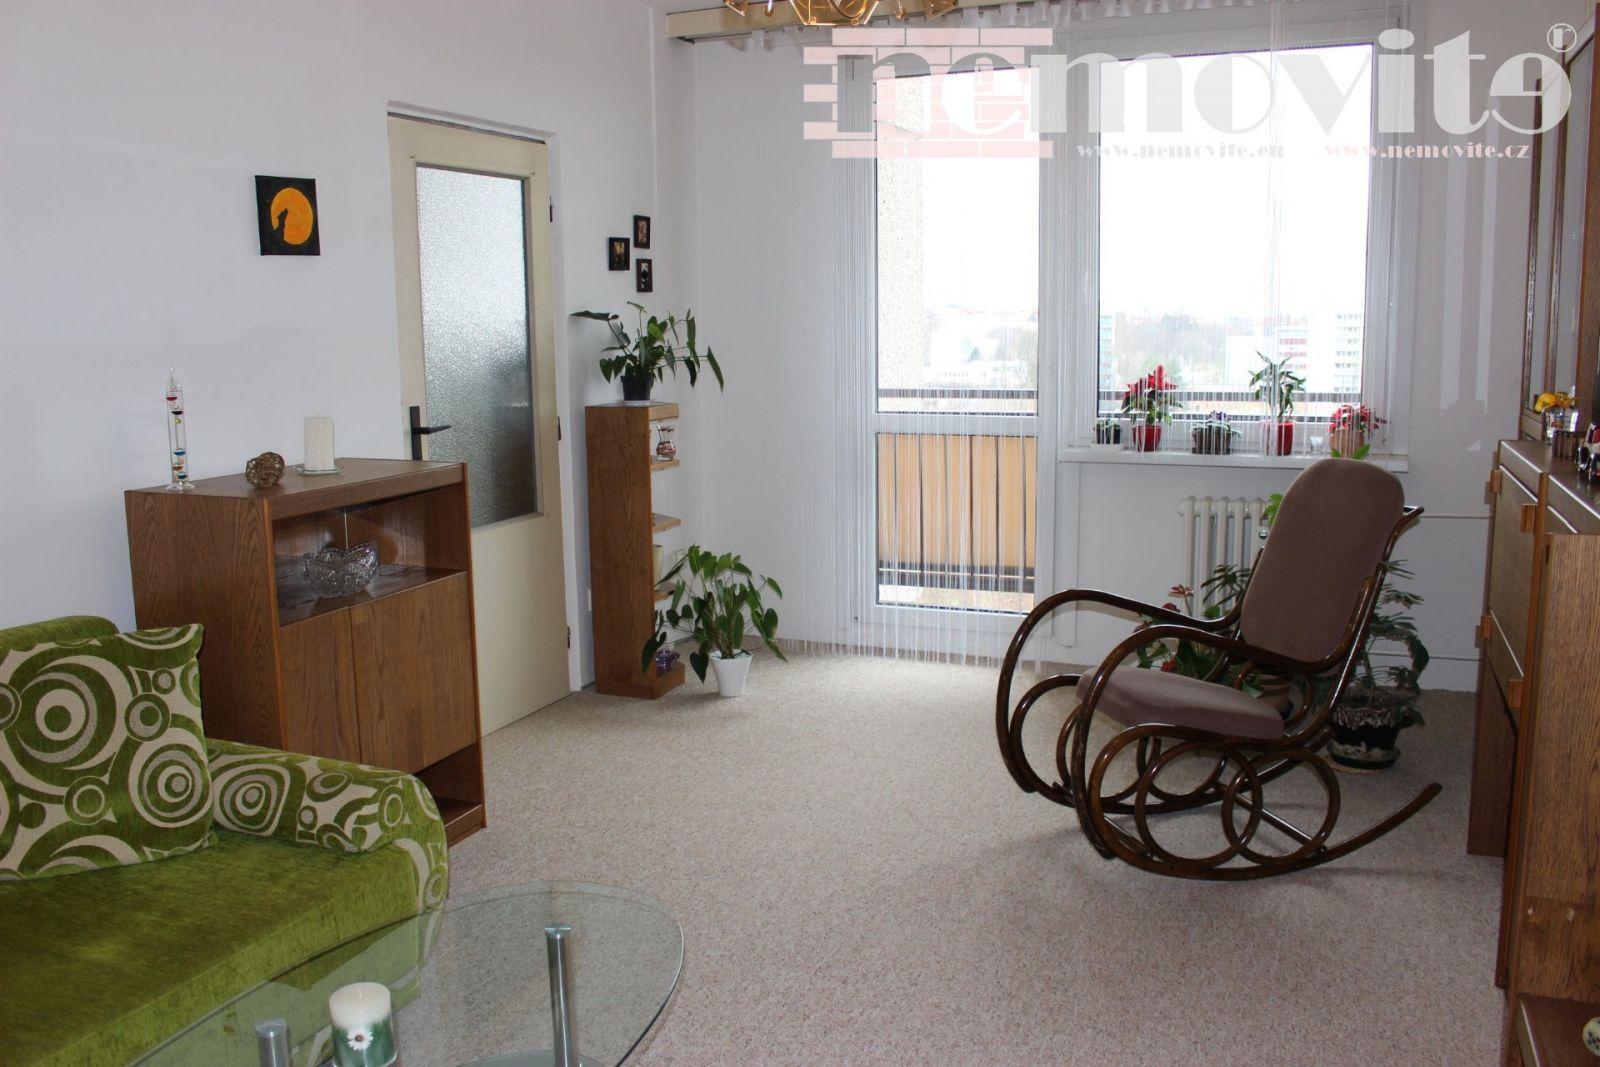 Exkluzivně nabízíme na prodej byt 3+1, 98m2 - Hradec Králové - Nový Hradec Králové